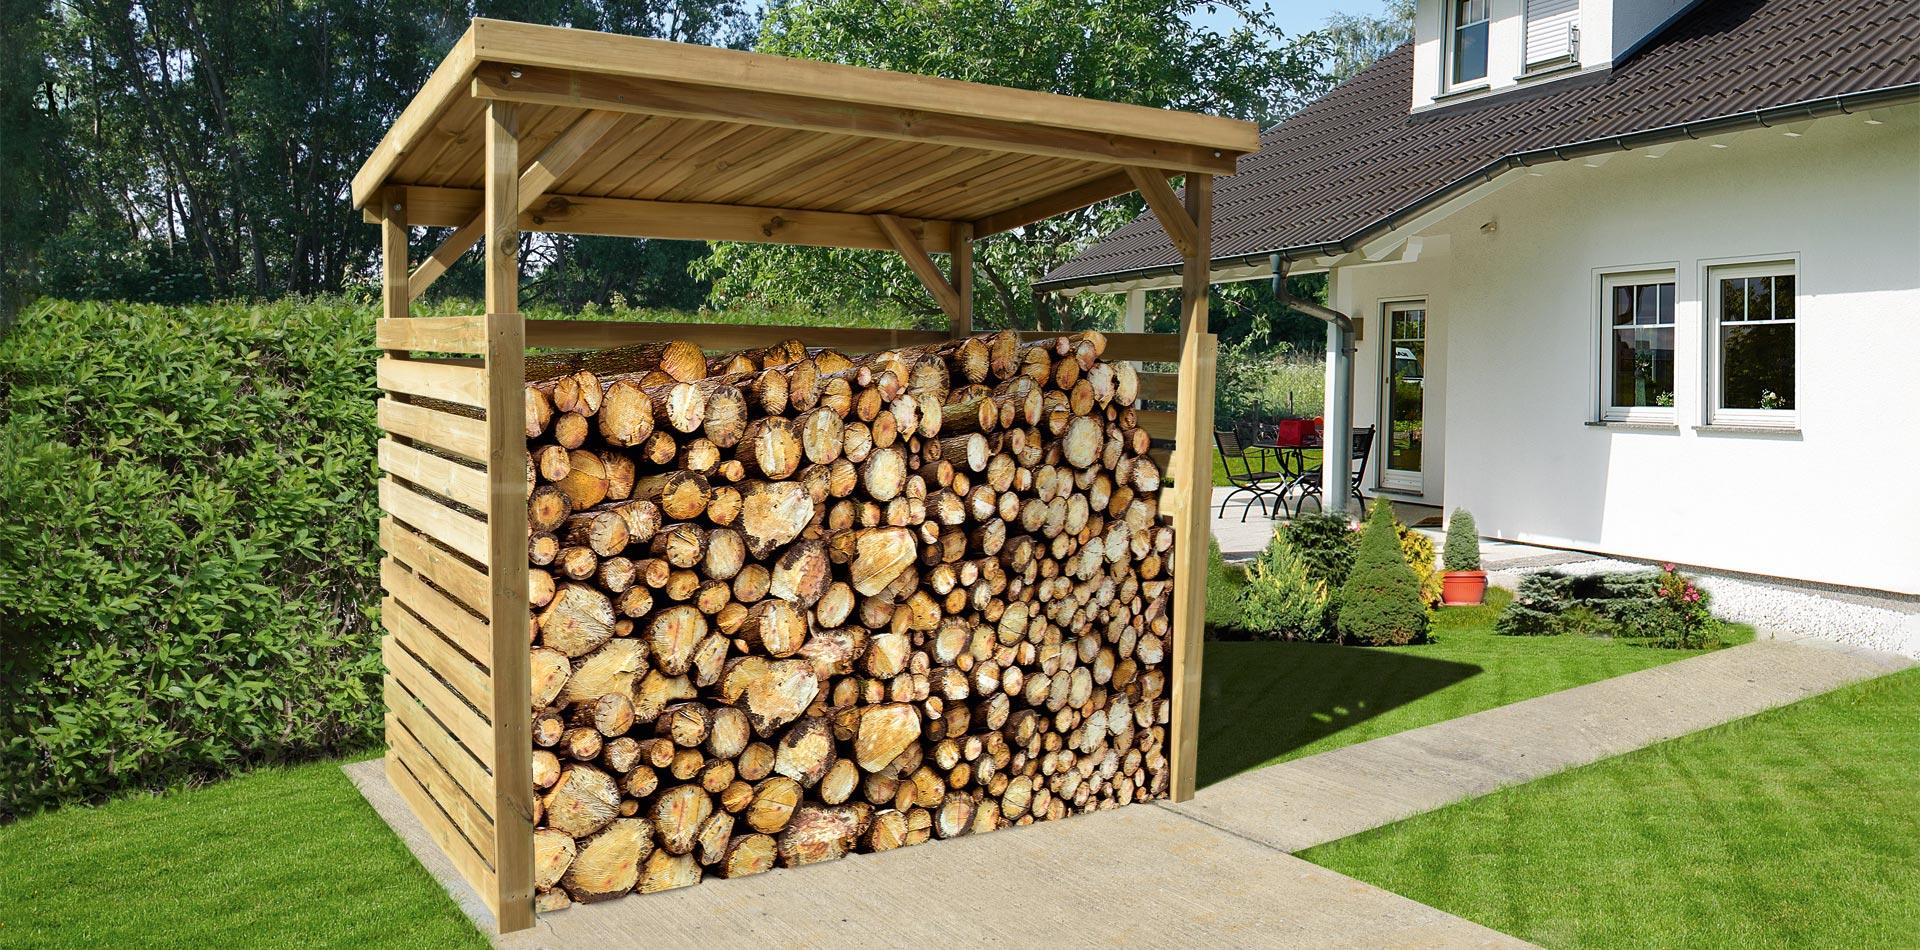 Holzunterstand für Brennholz von WEKA, der frei aufstellbar ist